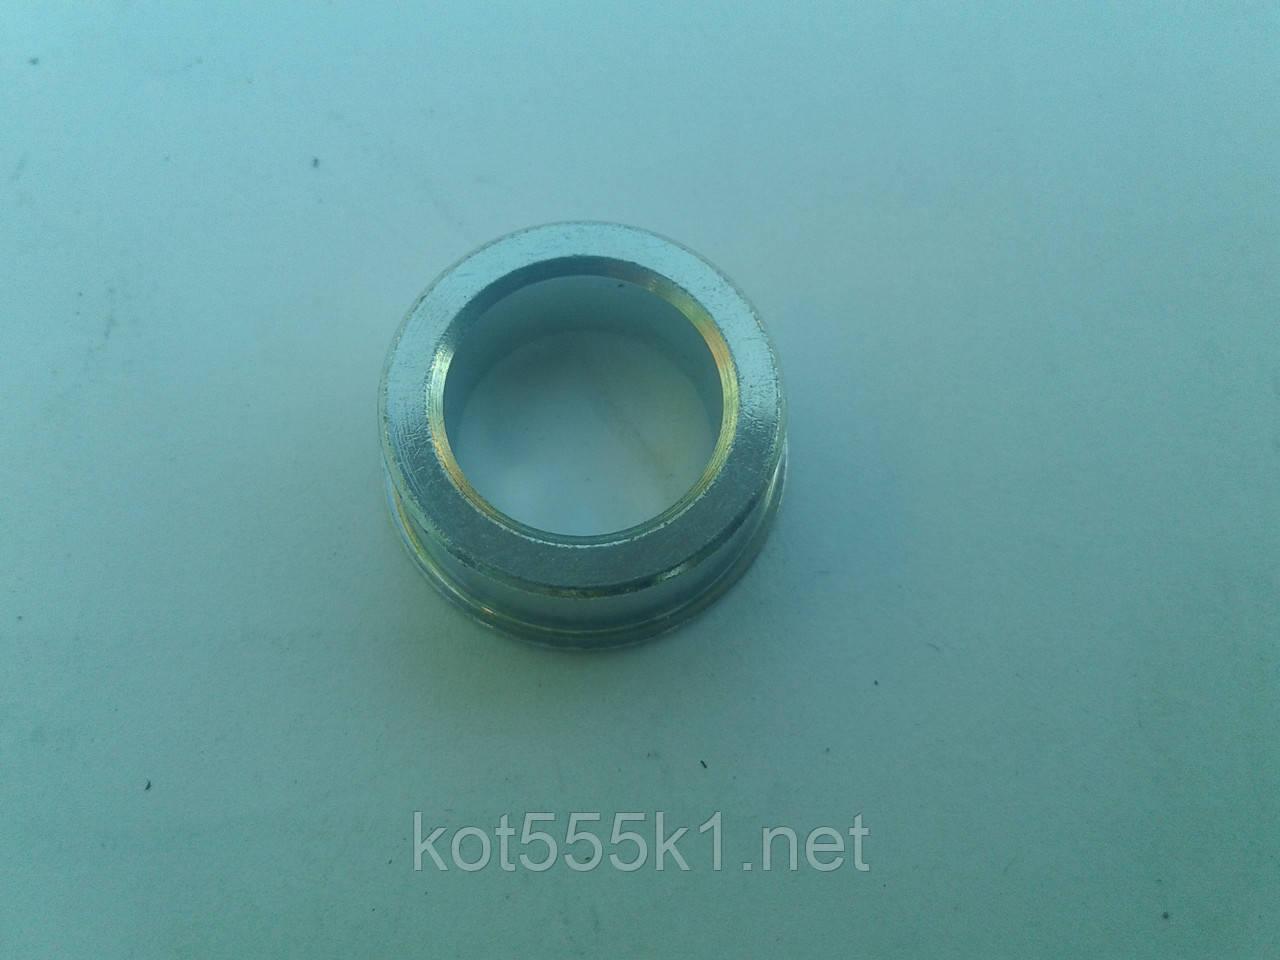 Втулка пыльника переднего колеса Ява 634/638